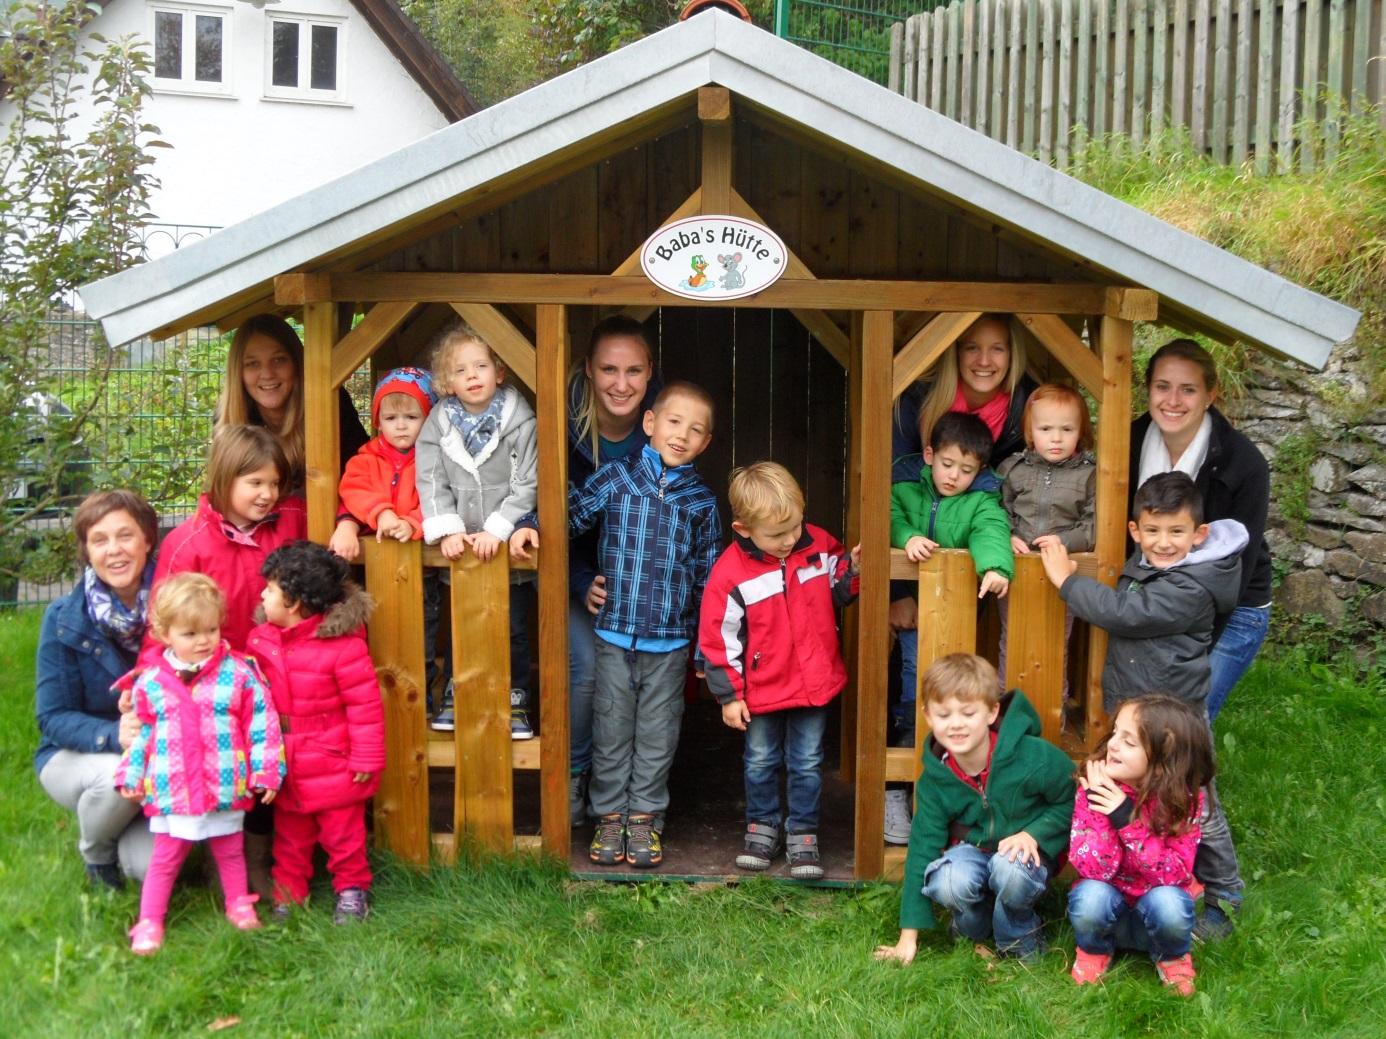 Full Size of Neues Spielhaus Im Kindergarten St Agatha In Bilstein Rattan Sofa Garten Vertikaler Ausziehtisch Pool Guenstig Kaufen Skulpturen Gewächshaus Und Wohnzimmer Spielhaus Kinder Garten